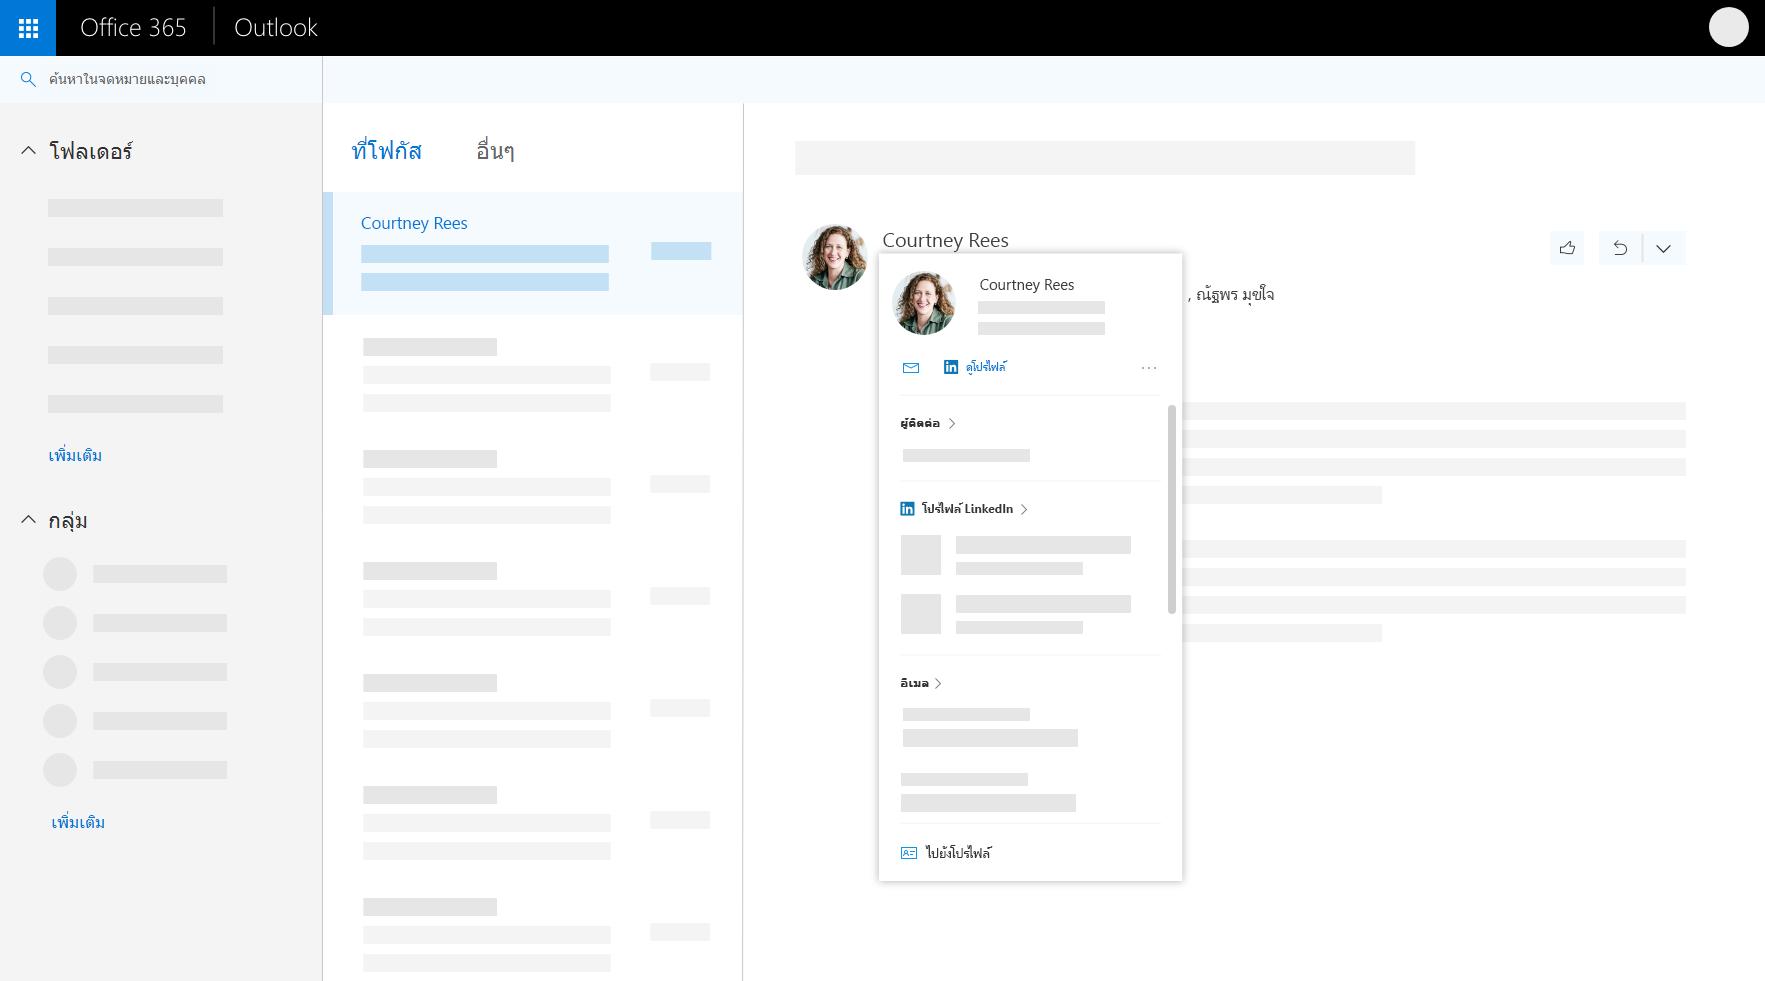 บัตรโปรไฟล์ใน Outlook บนเว็บ